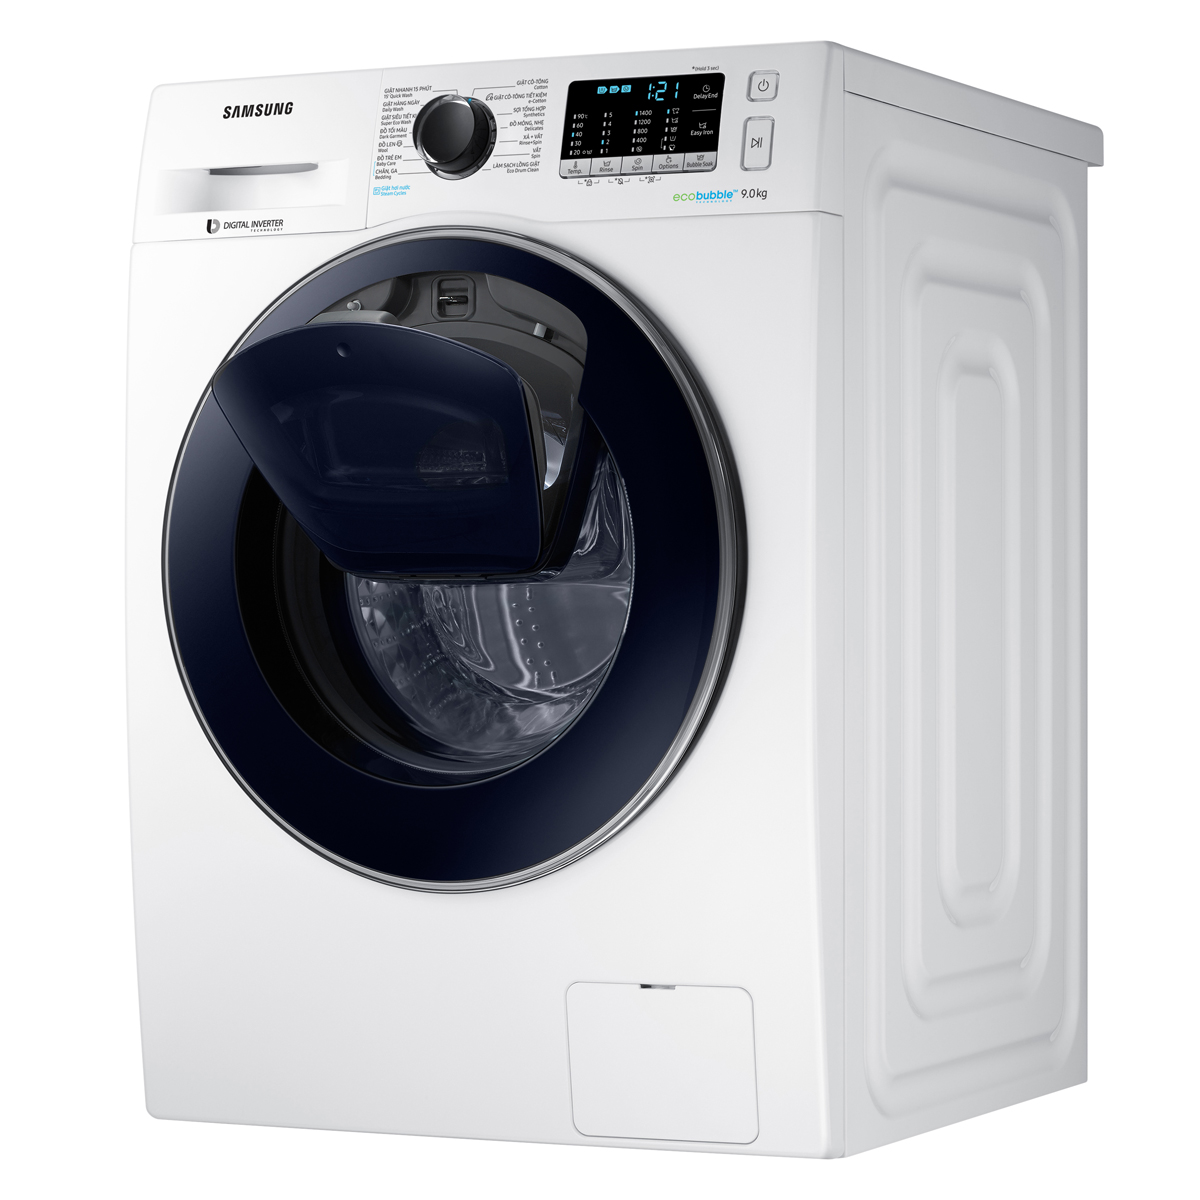 Chế độ giặt bổ sung